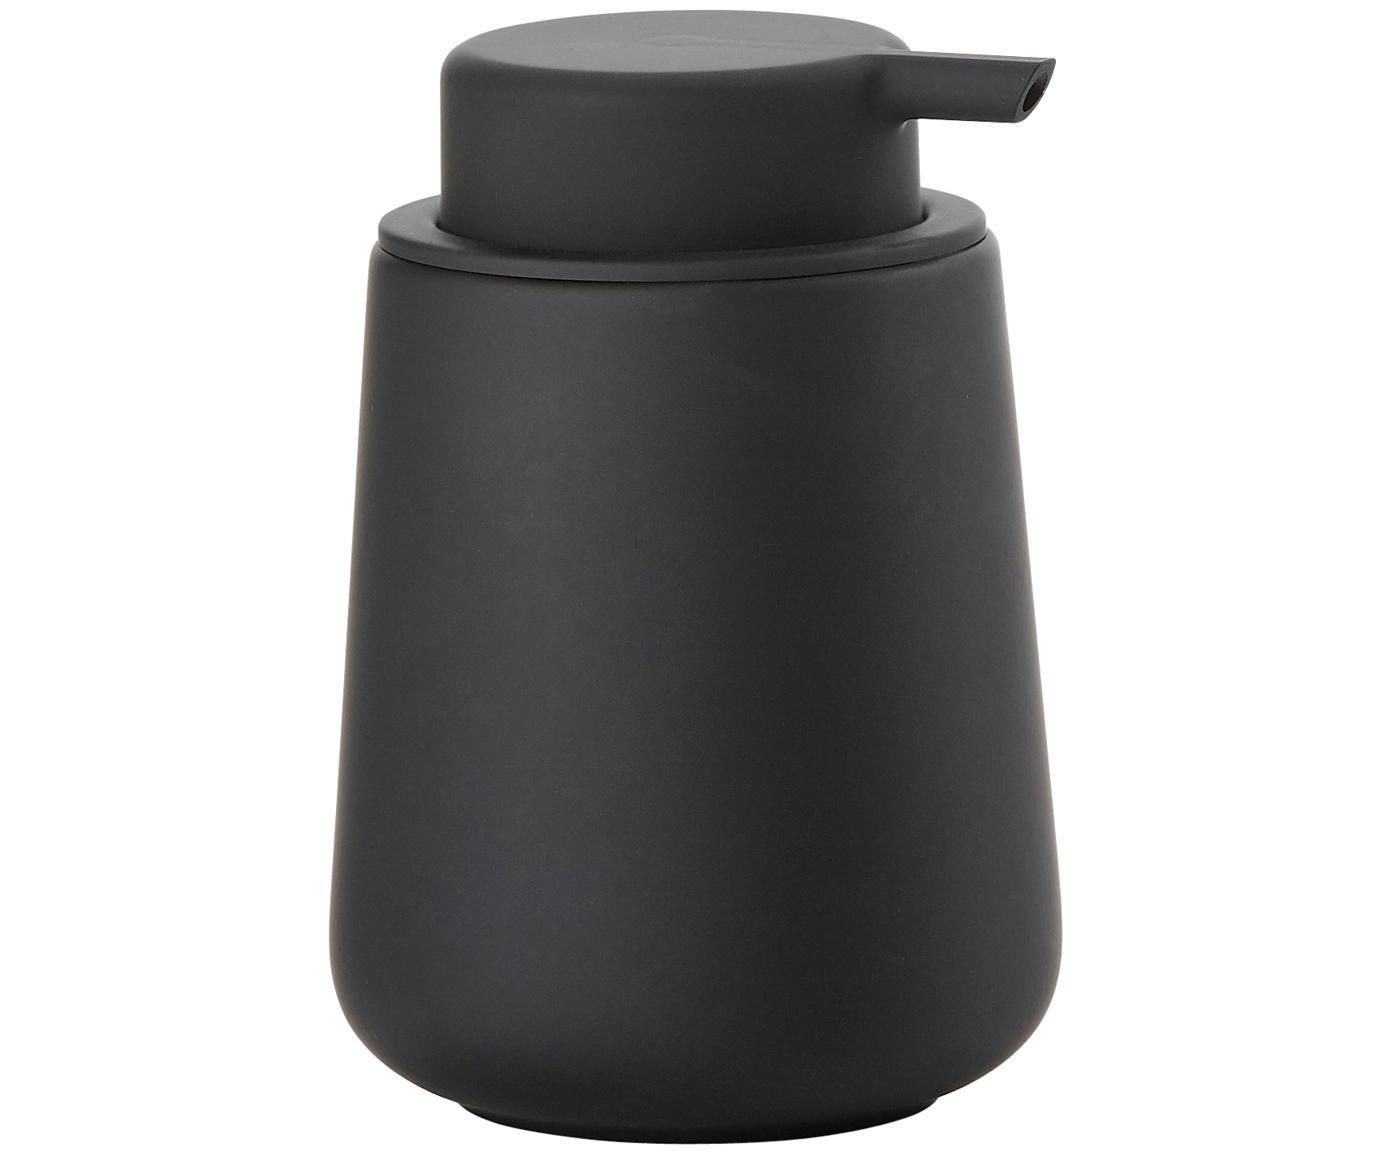 Dosificador de jabón Push, Recipiente: porcelana, Dosificador: plástico, Negro, Ø 8 x Al 12 cm